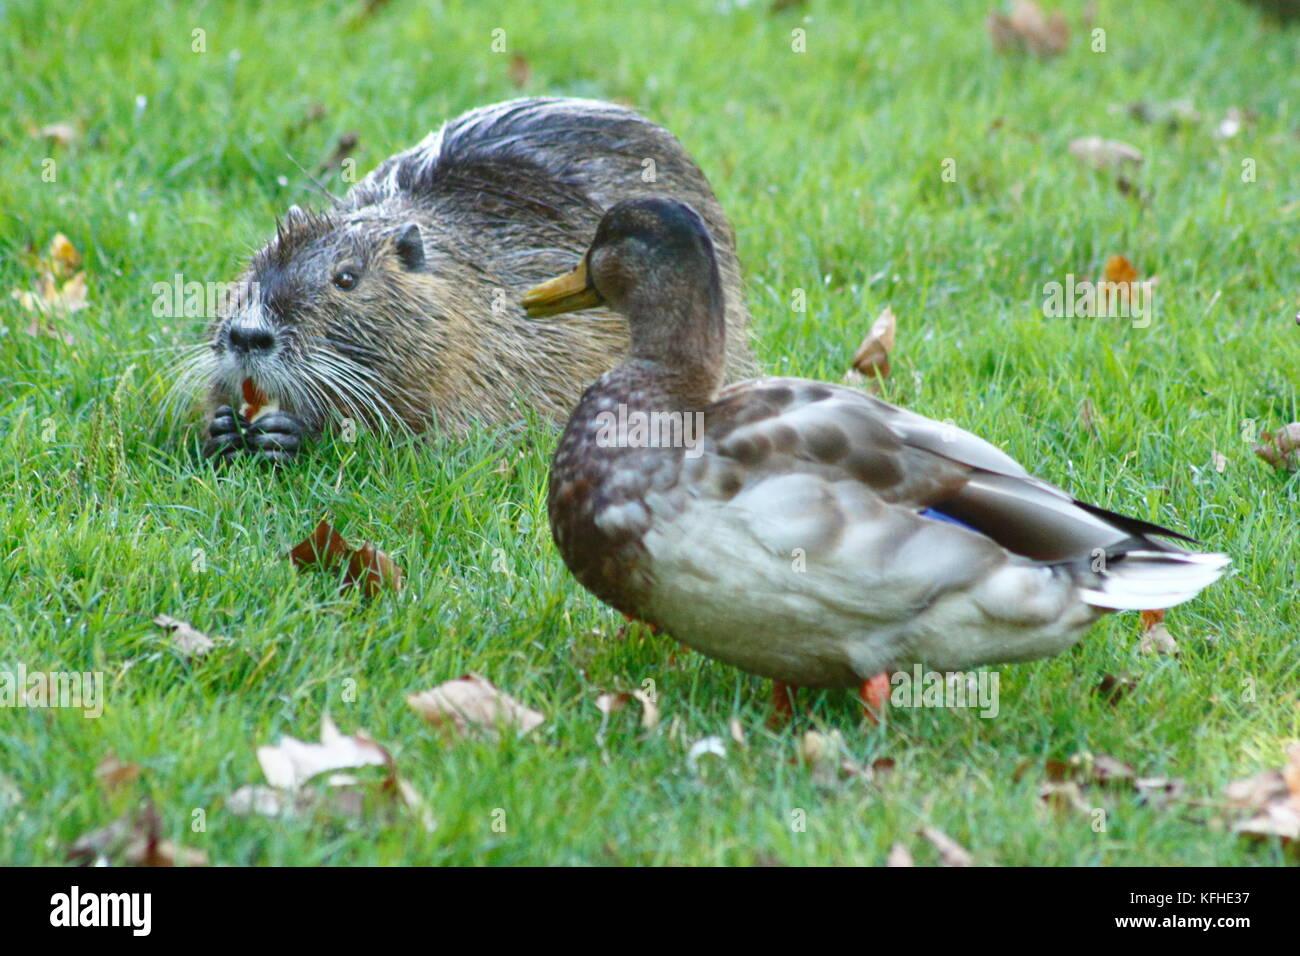 Ente trifft Nutria Biberratte auf der Wiese Stock Photo